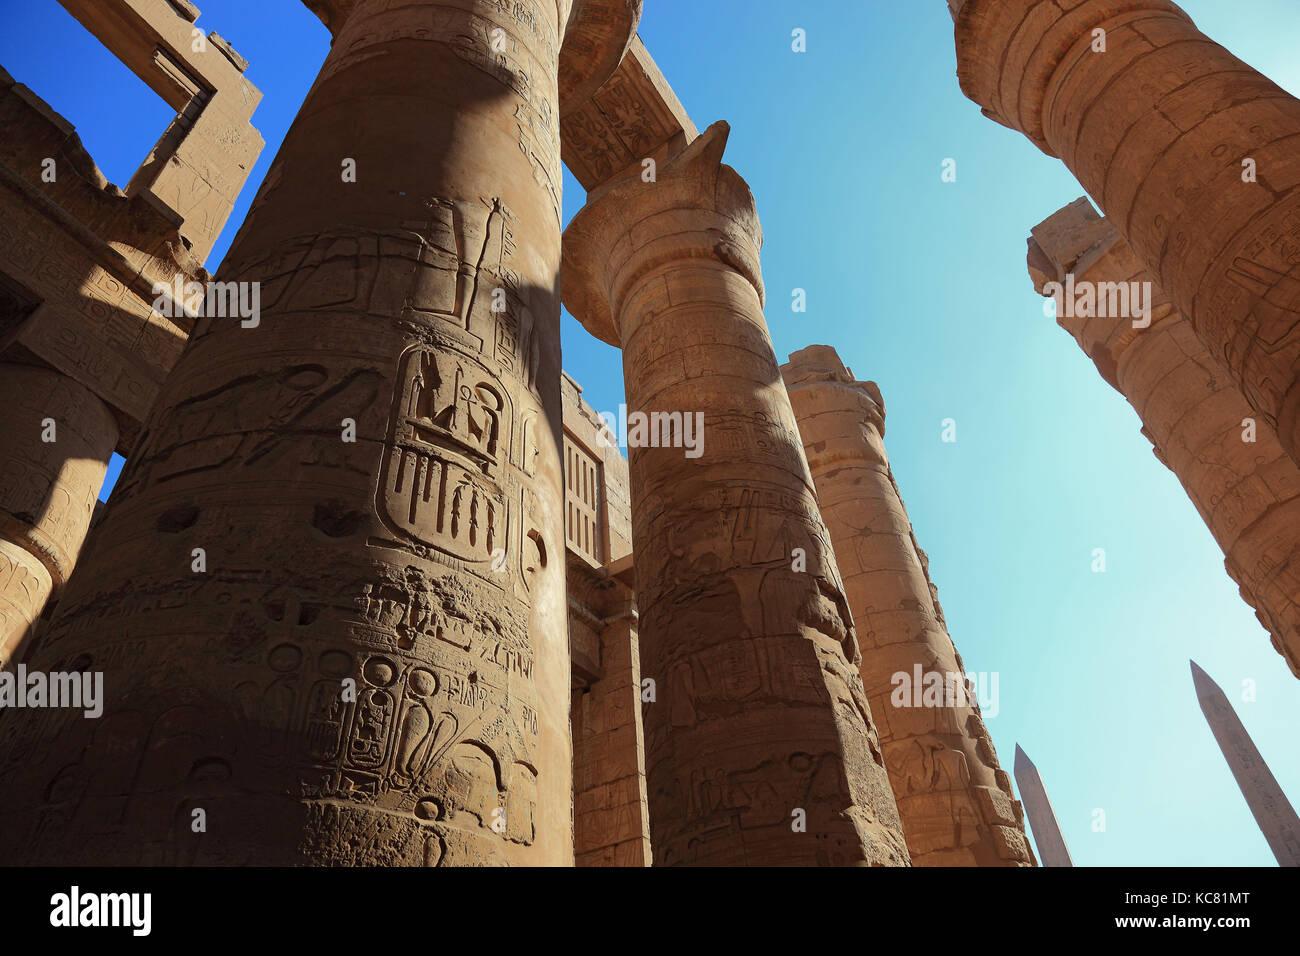 Luxor, Säulen der Tempel des Amun, Teil der Tempelanlage von Karnak, Oberägypten Stockbild